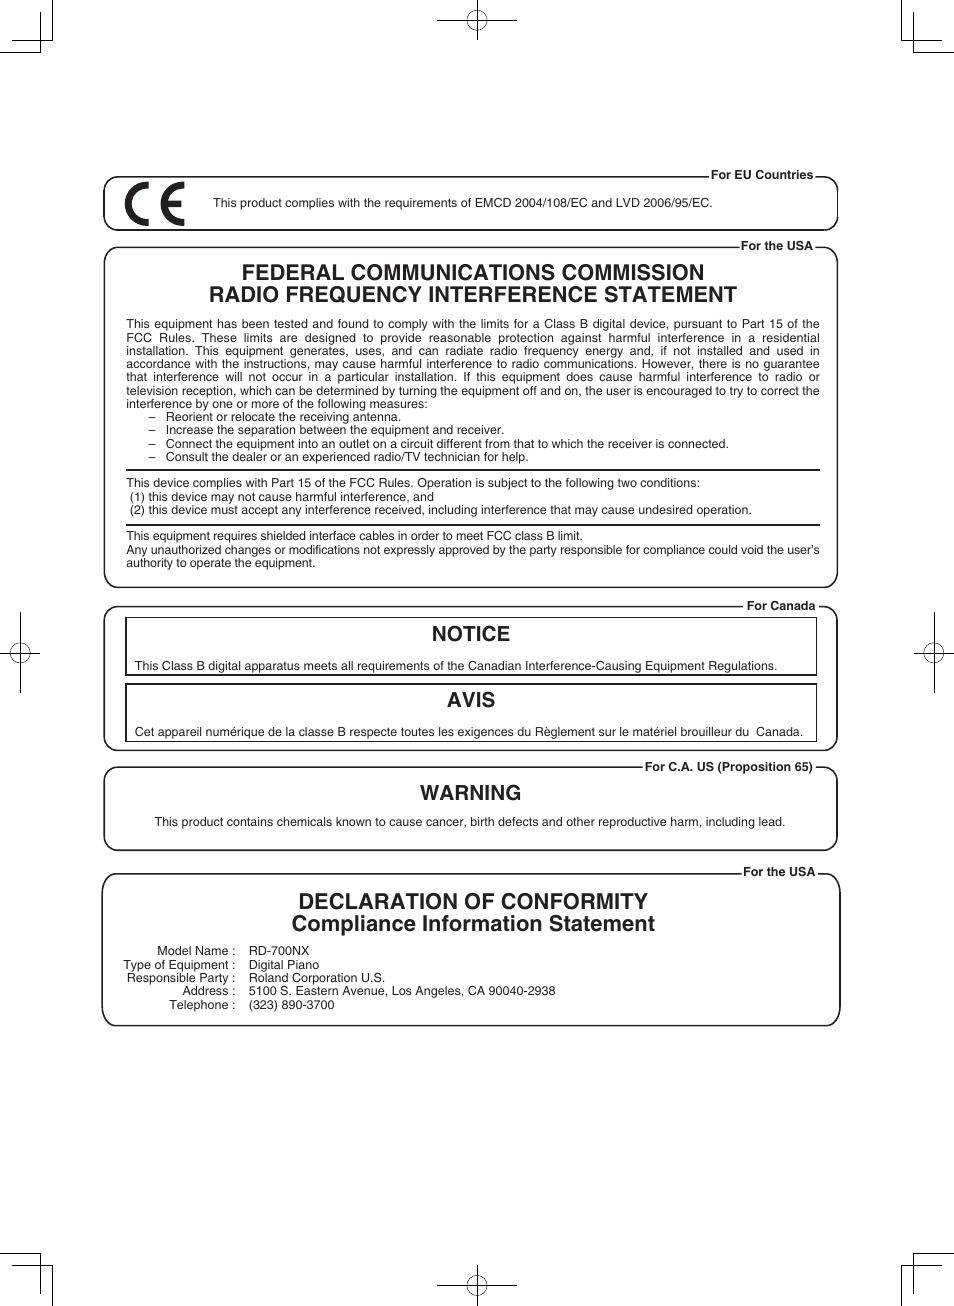 notice avis warning roland rd 700nx user manual page 103 106 rh manualsdir com Instruction Manual Instruction Manual